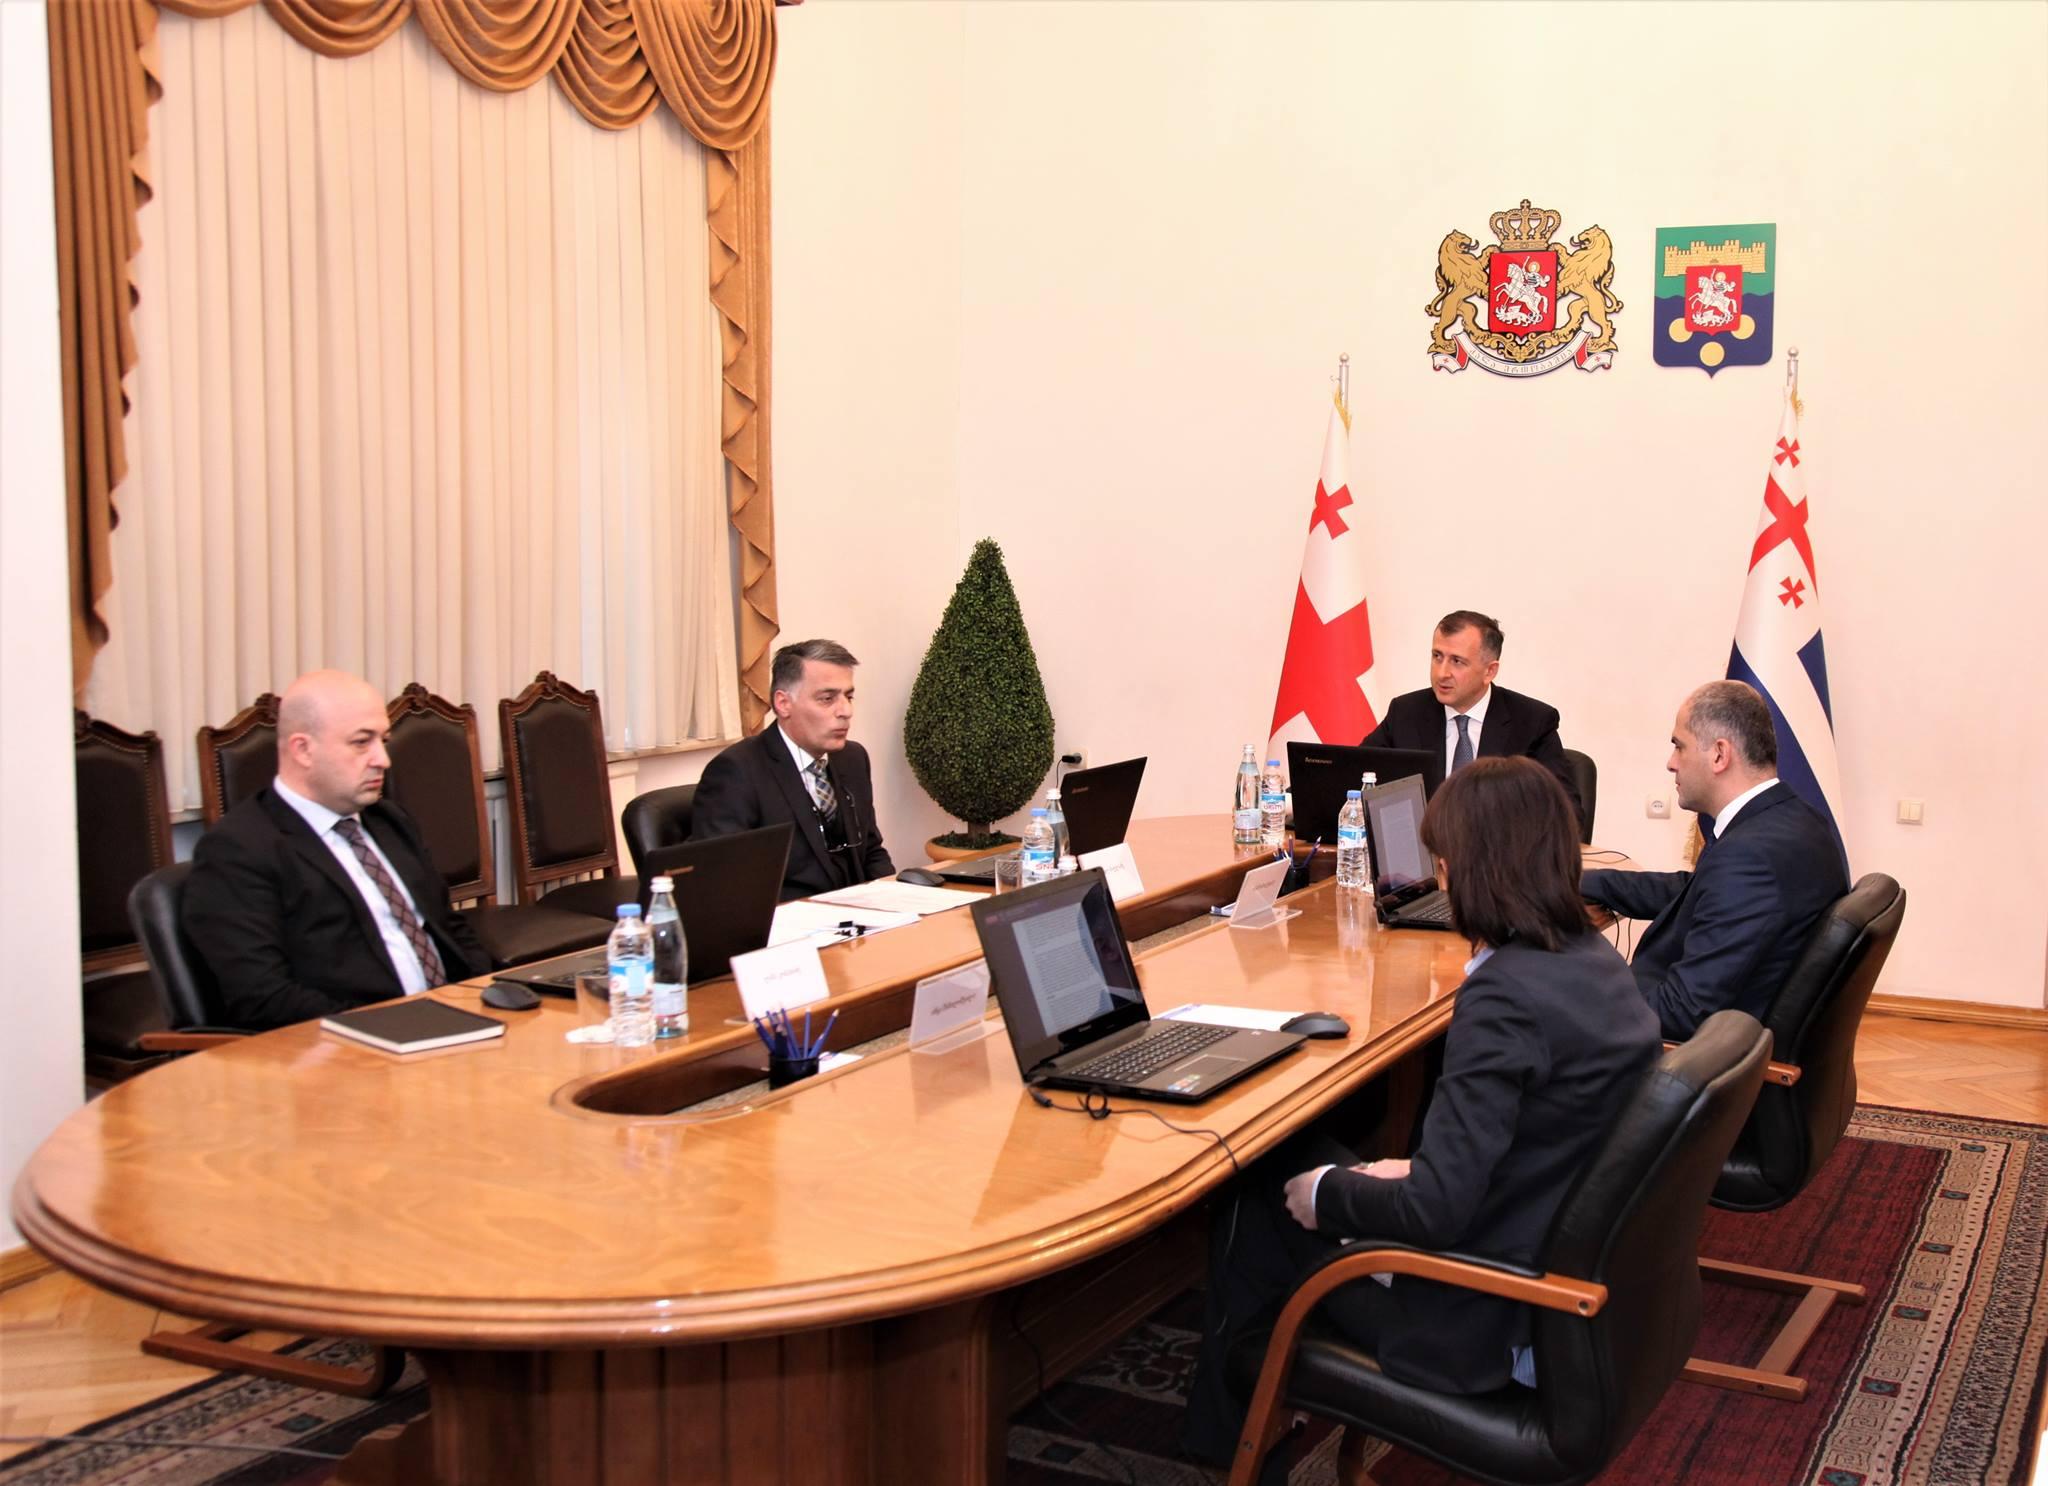 აჭარის ავტონომიური რესპუბლიკის მთავრობის სხდომა - 27.01.2017